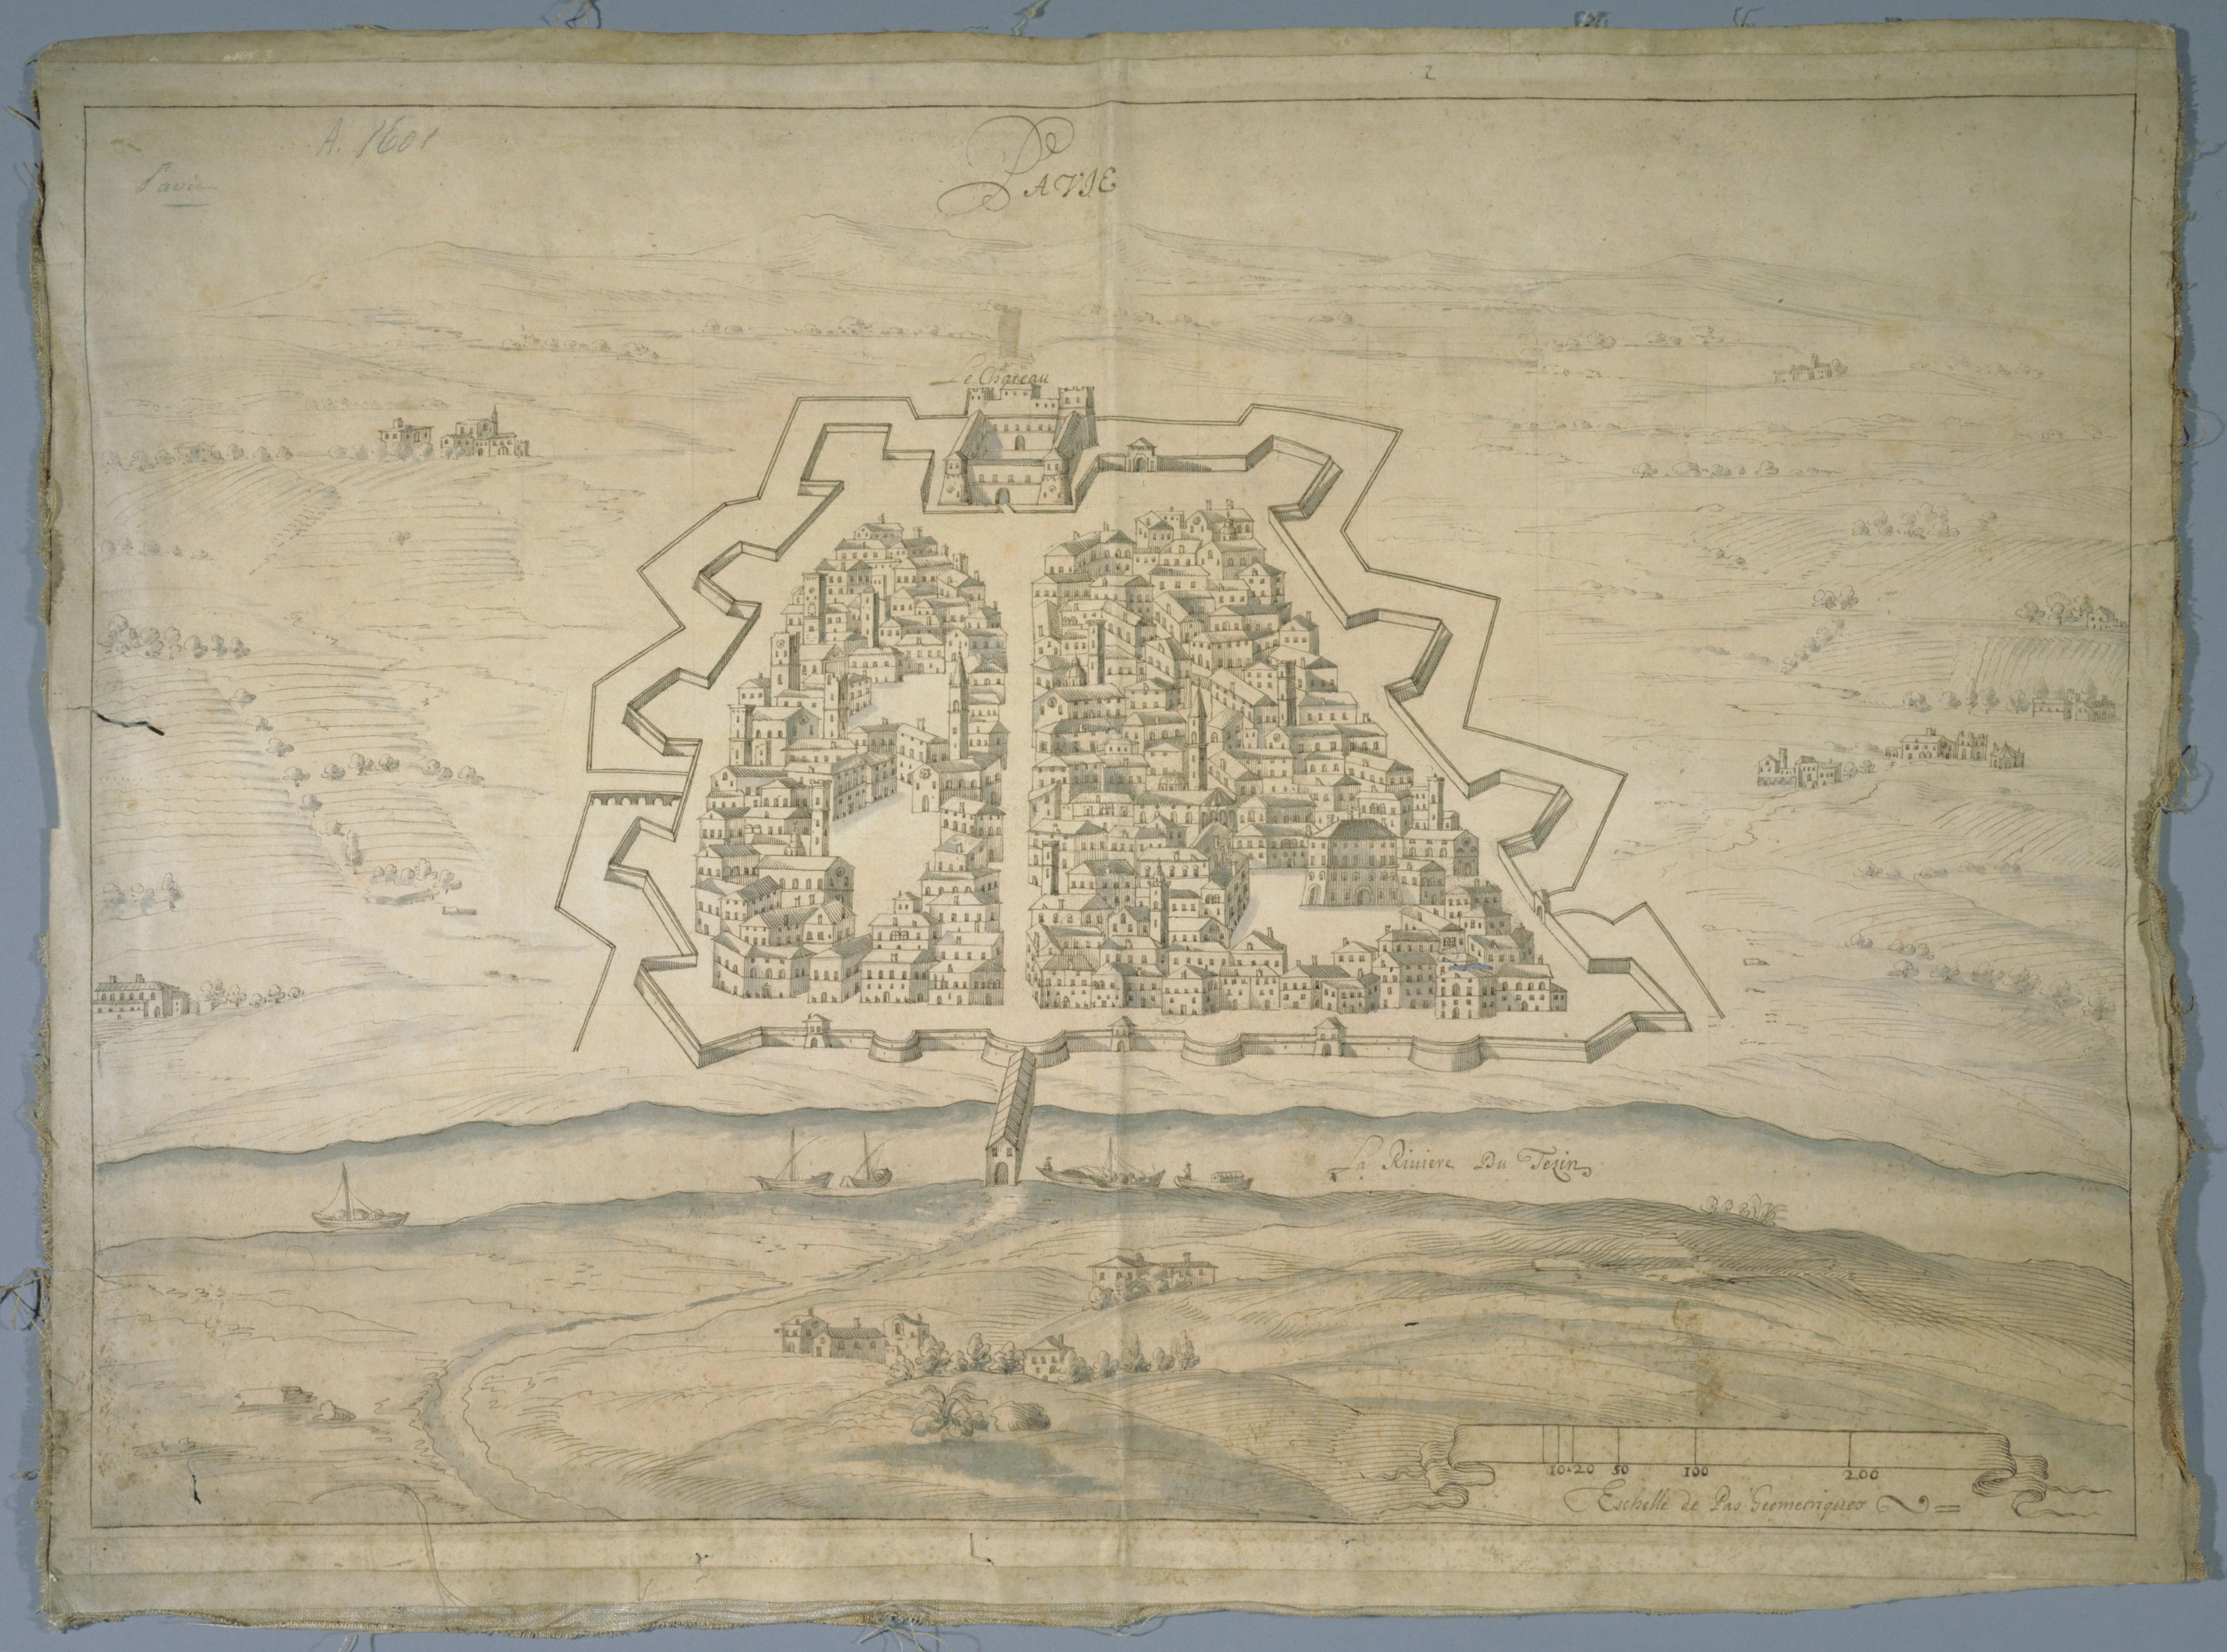 plan de la ville et des fortifications de pavie, xviie siècle.jpg